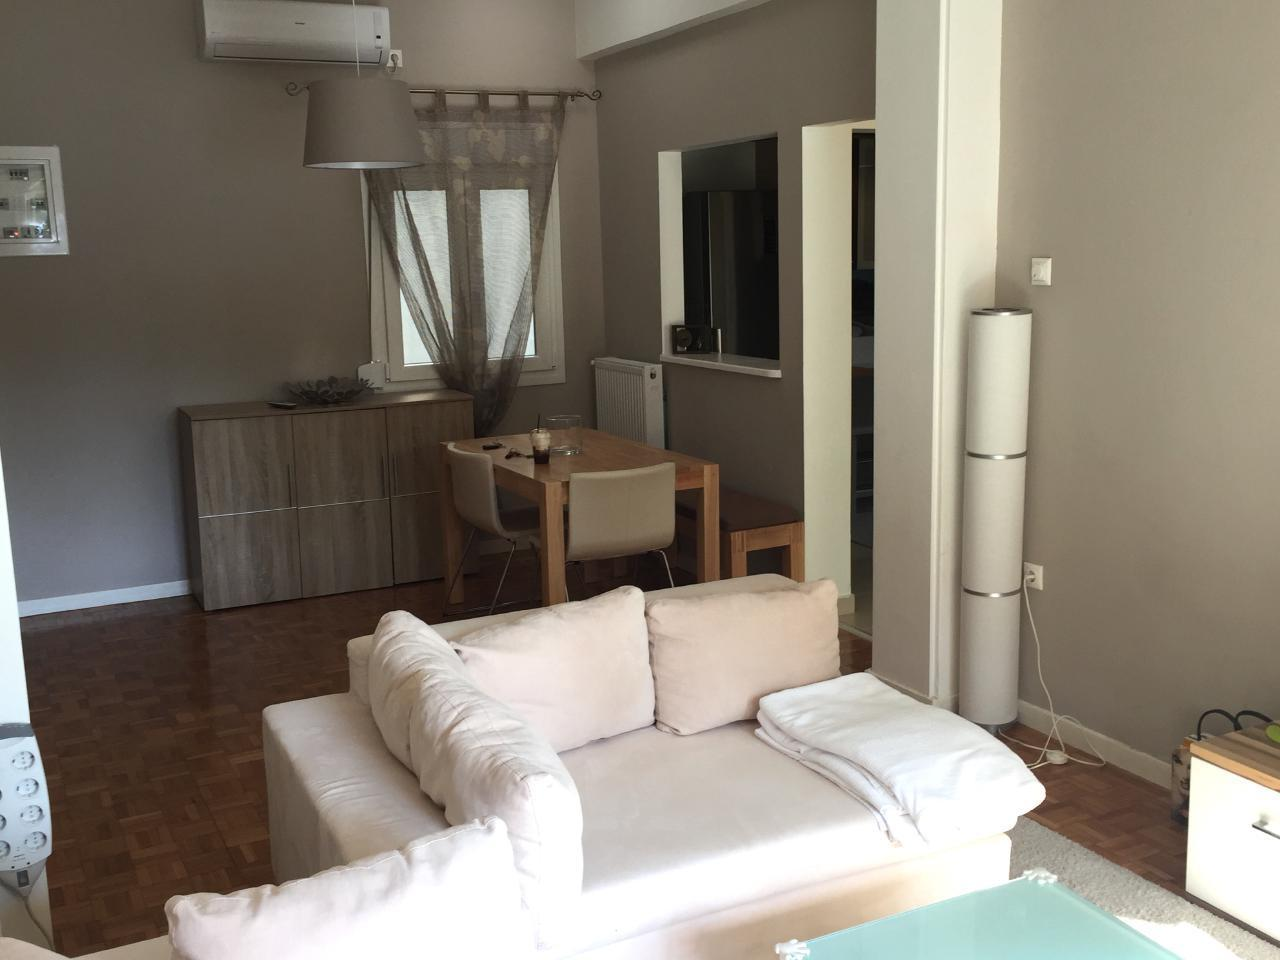 Holiday apartment Varkiza, Athen - Meerblick / 100m vom Meer (639744), Varkiza, , Attica, Greece, picture 5